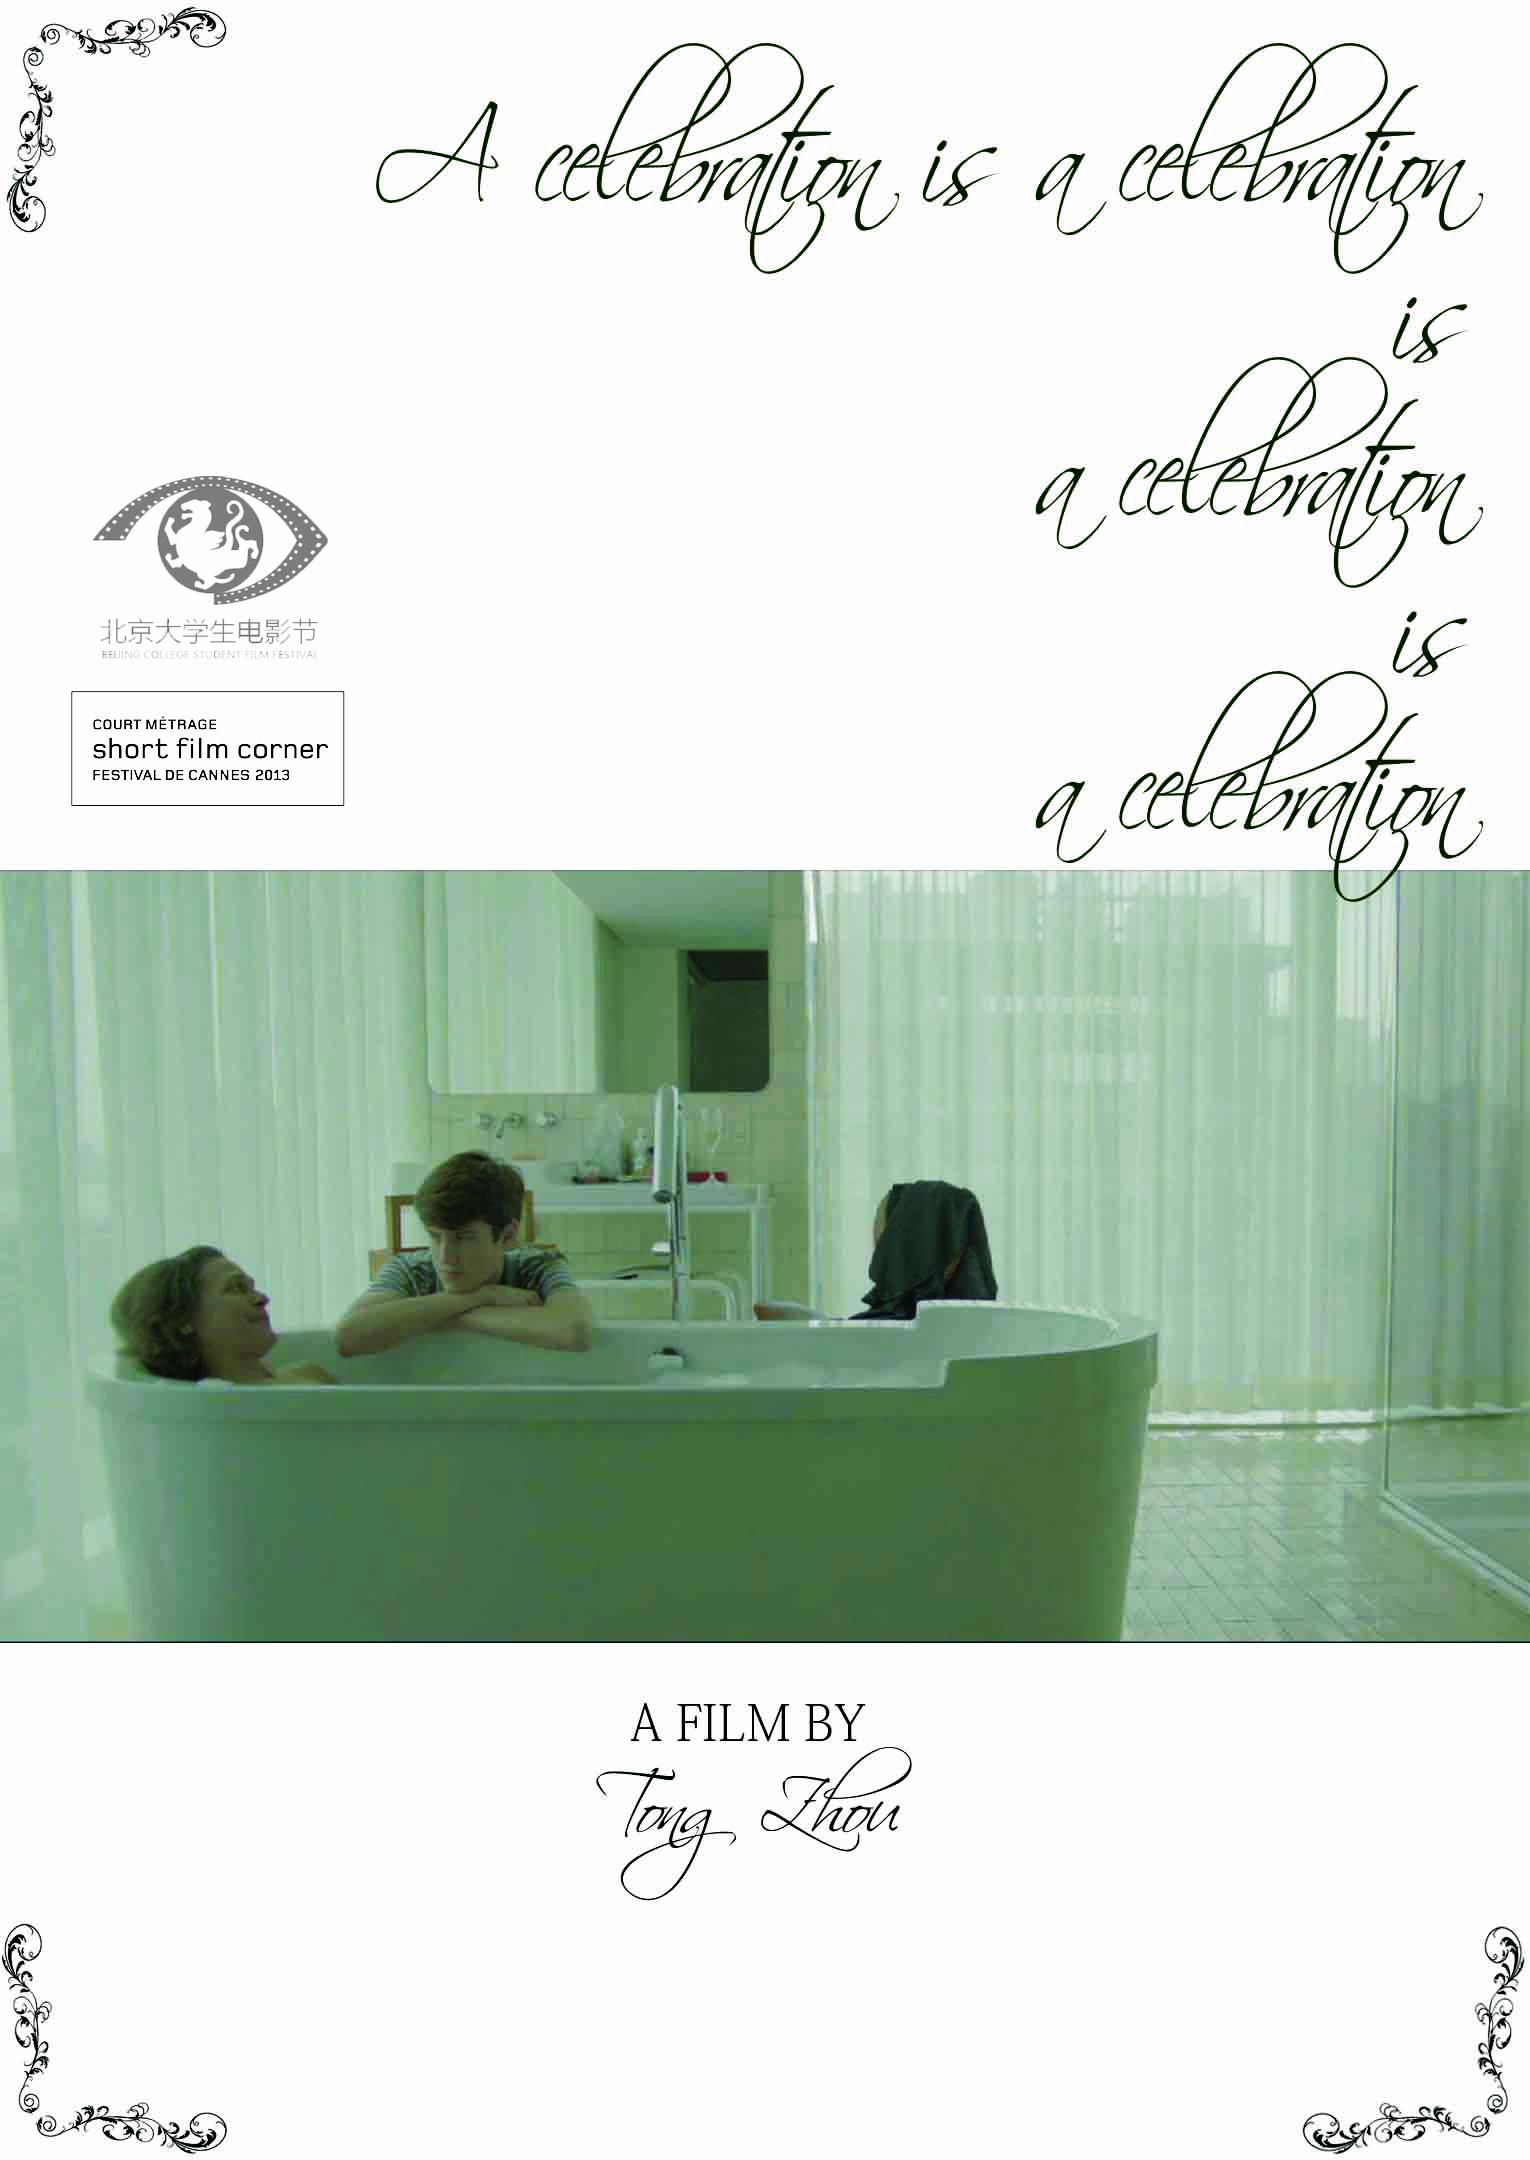 CELEBRATION_poster (1).jpg